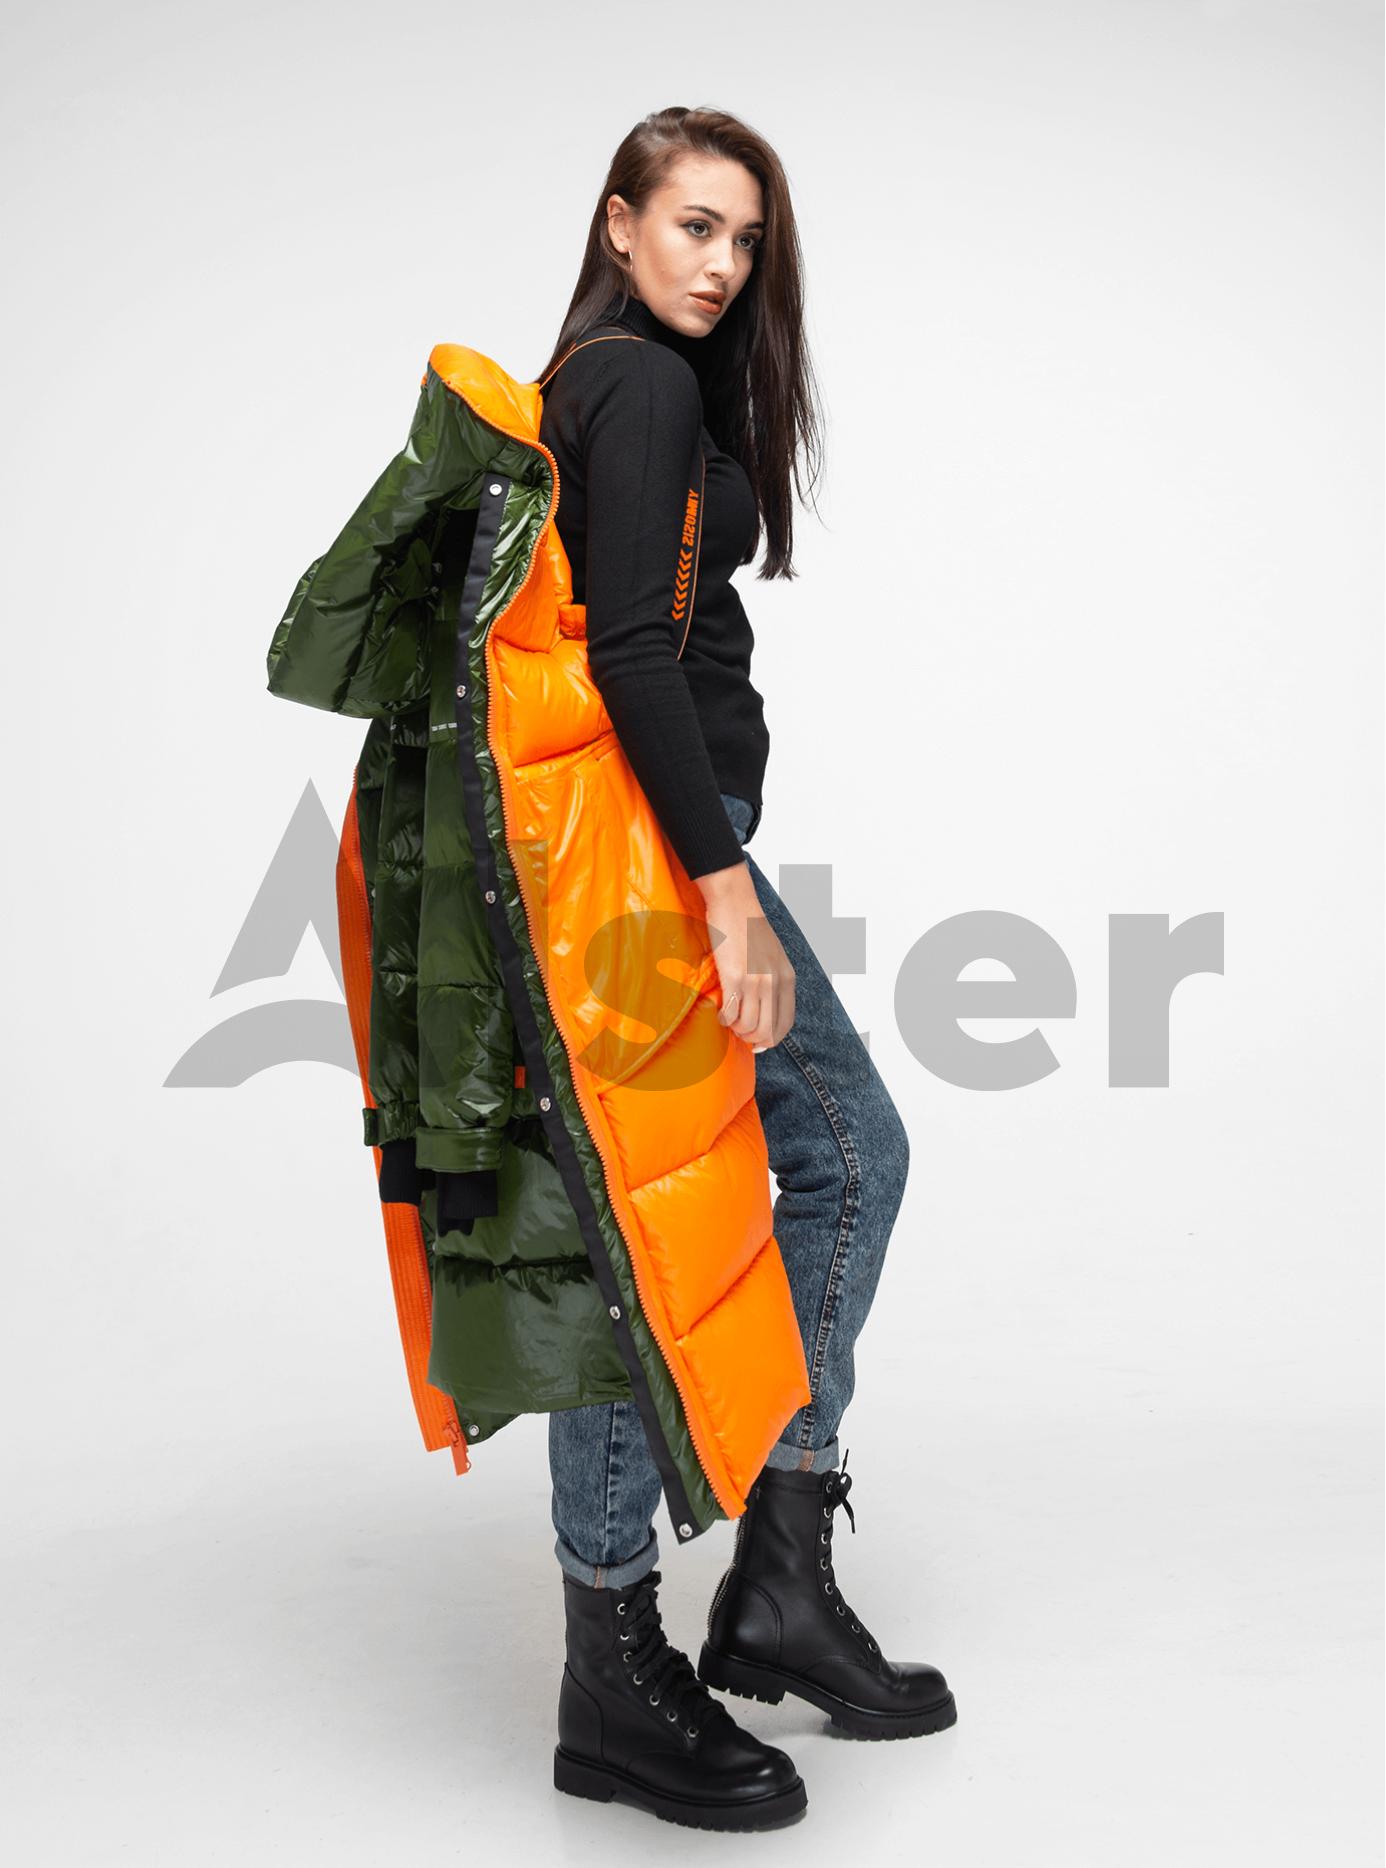 Пуховик женский длинный на молнии Зелёный M (02-Y191125): фото - Alster.ua